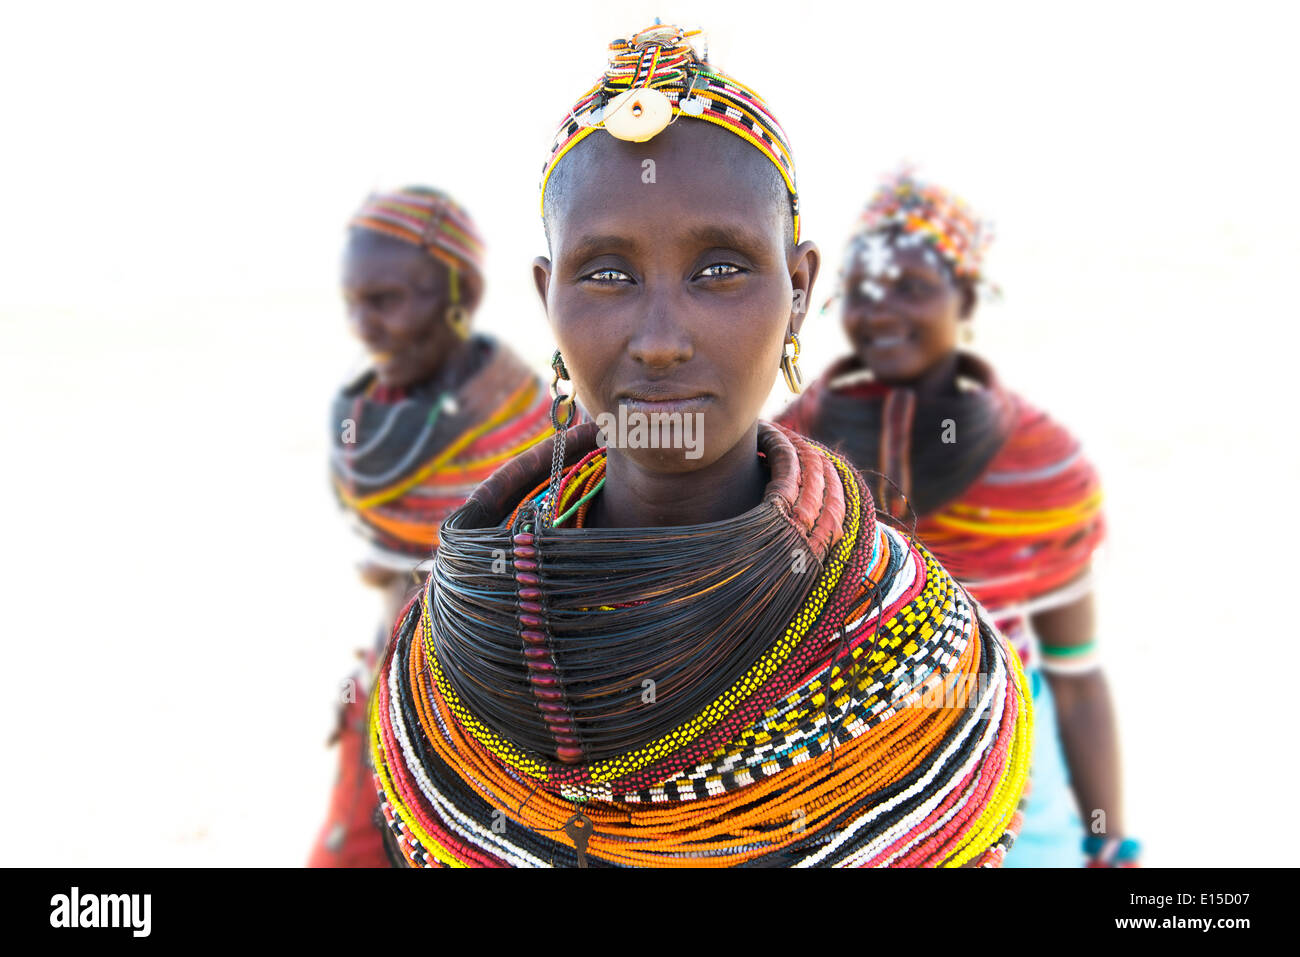 Schöne Rendille Frauen in ihrem Dorf im Norden Kenias. Stockfoto